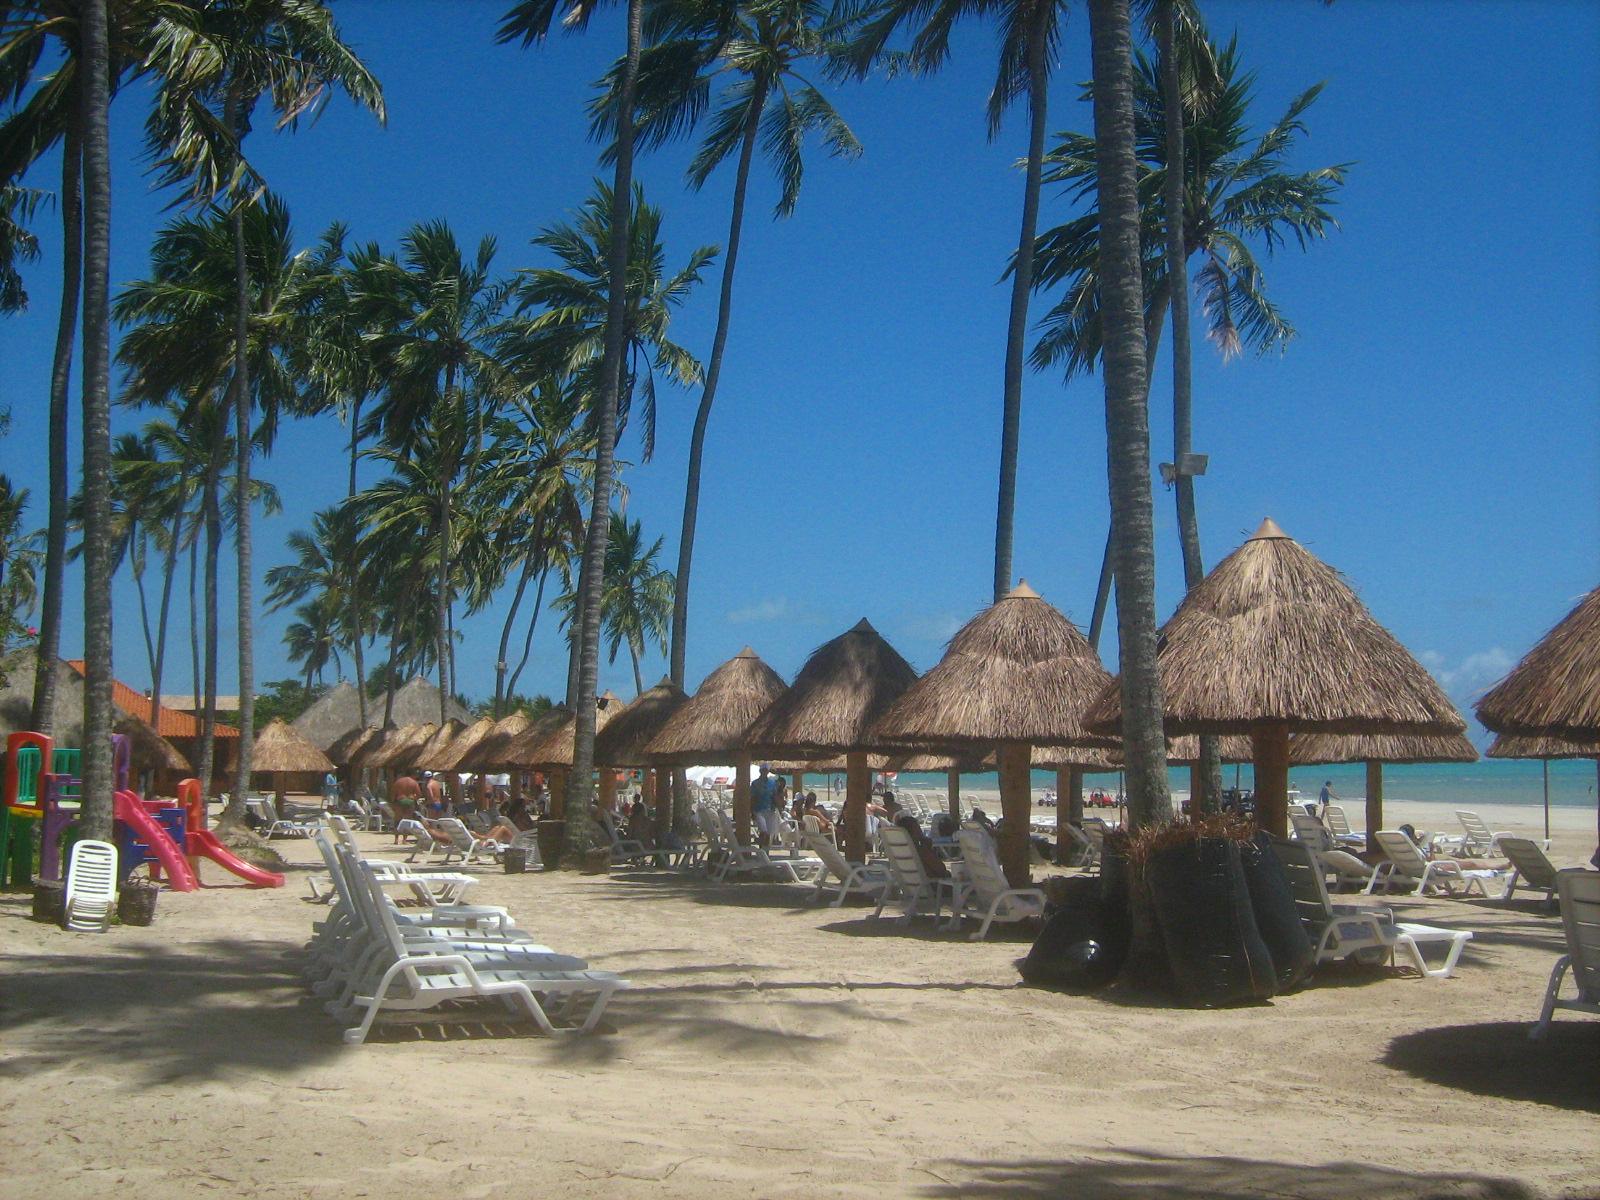 VIAJANTE ESPECIAL: Resort Salinas de Maragogi Maragogi AL #2B6496 1600x1200 Banheiro Adaptado Idoso